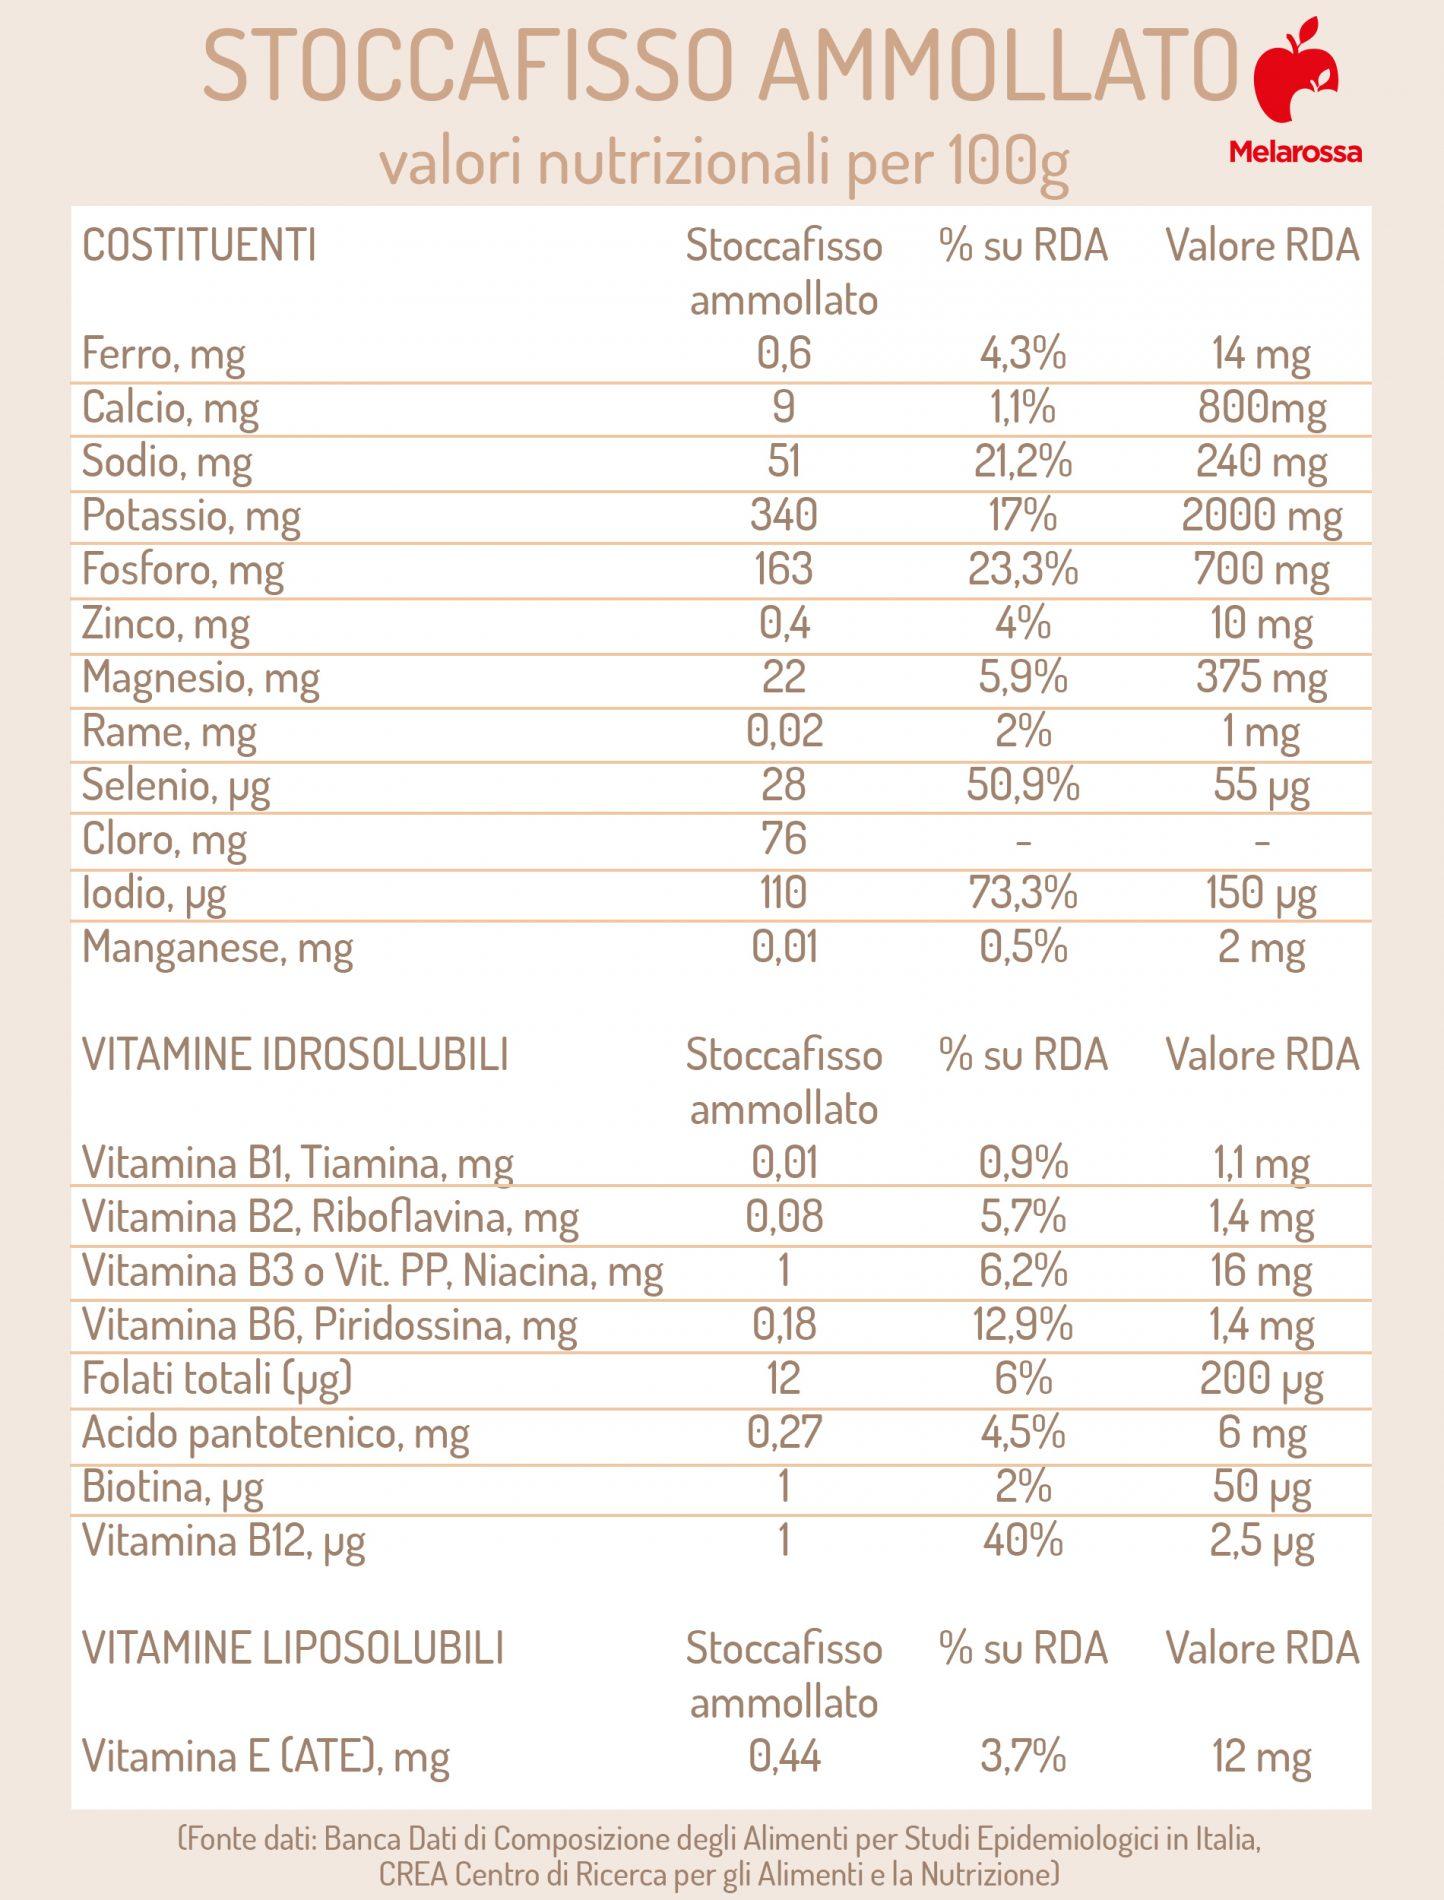 stoccafisso ammollato: valori nutrizionali